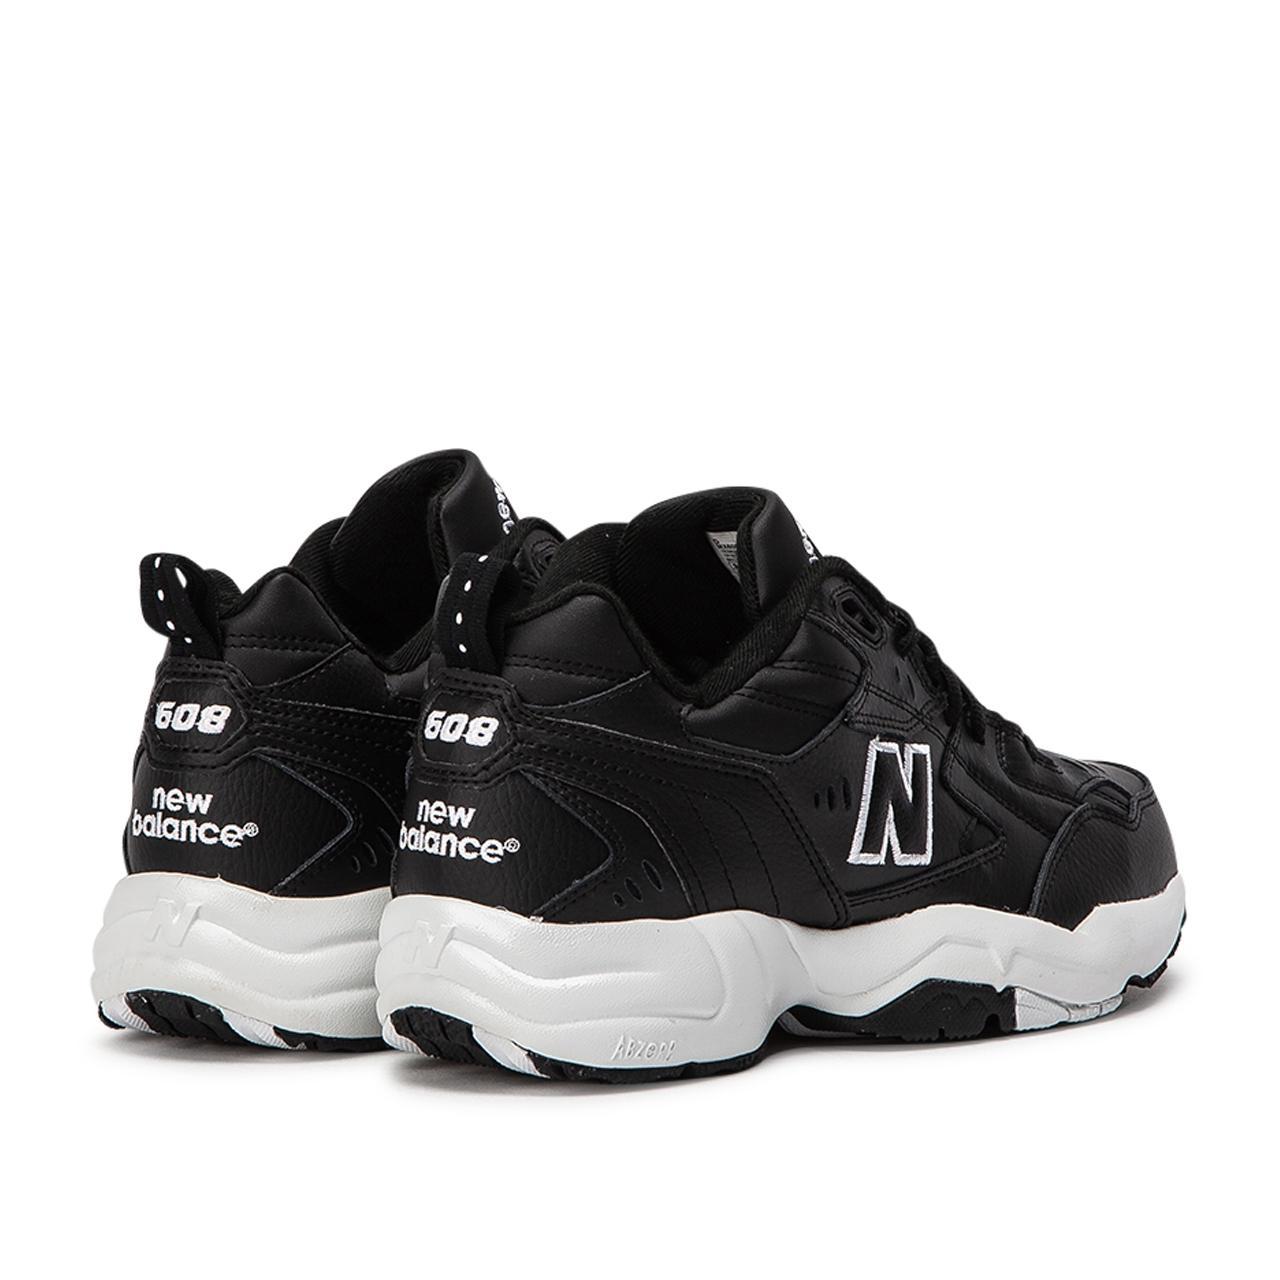 acheter en ligne 3503a 4624c Men's Black Mx608 Bw1